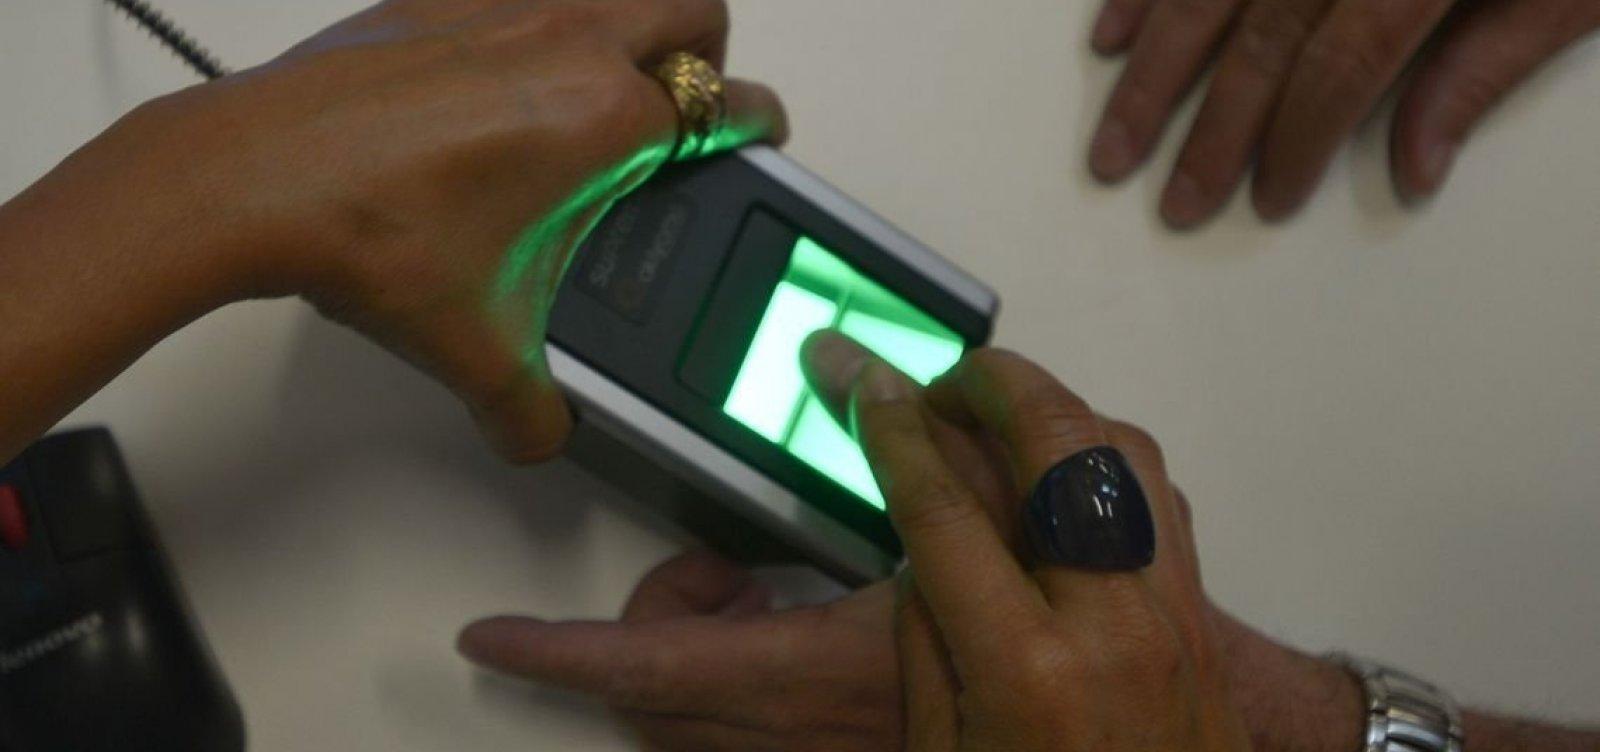 [Prazo para recadastramento biométrico termina nesta terça em 242 municípios baianos]